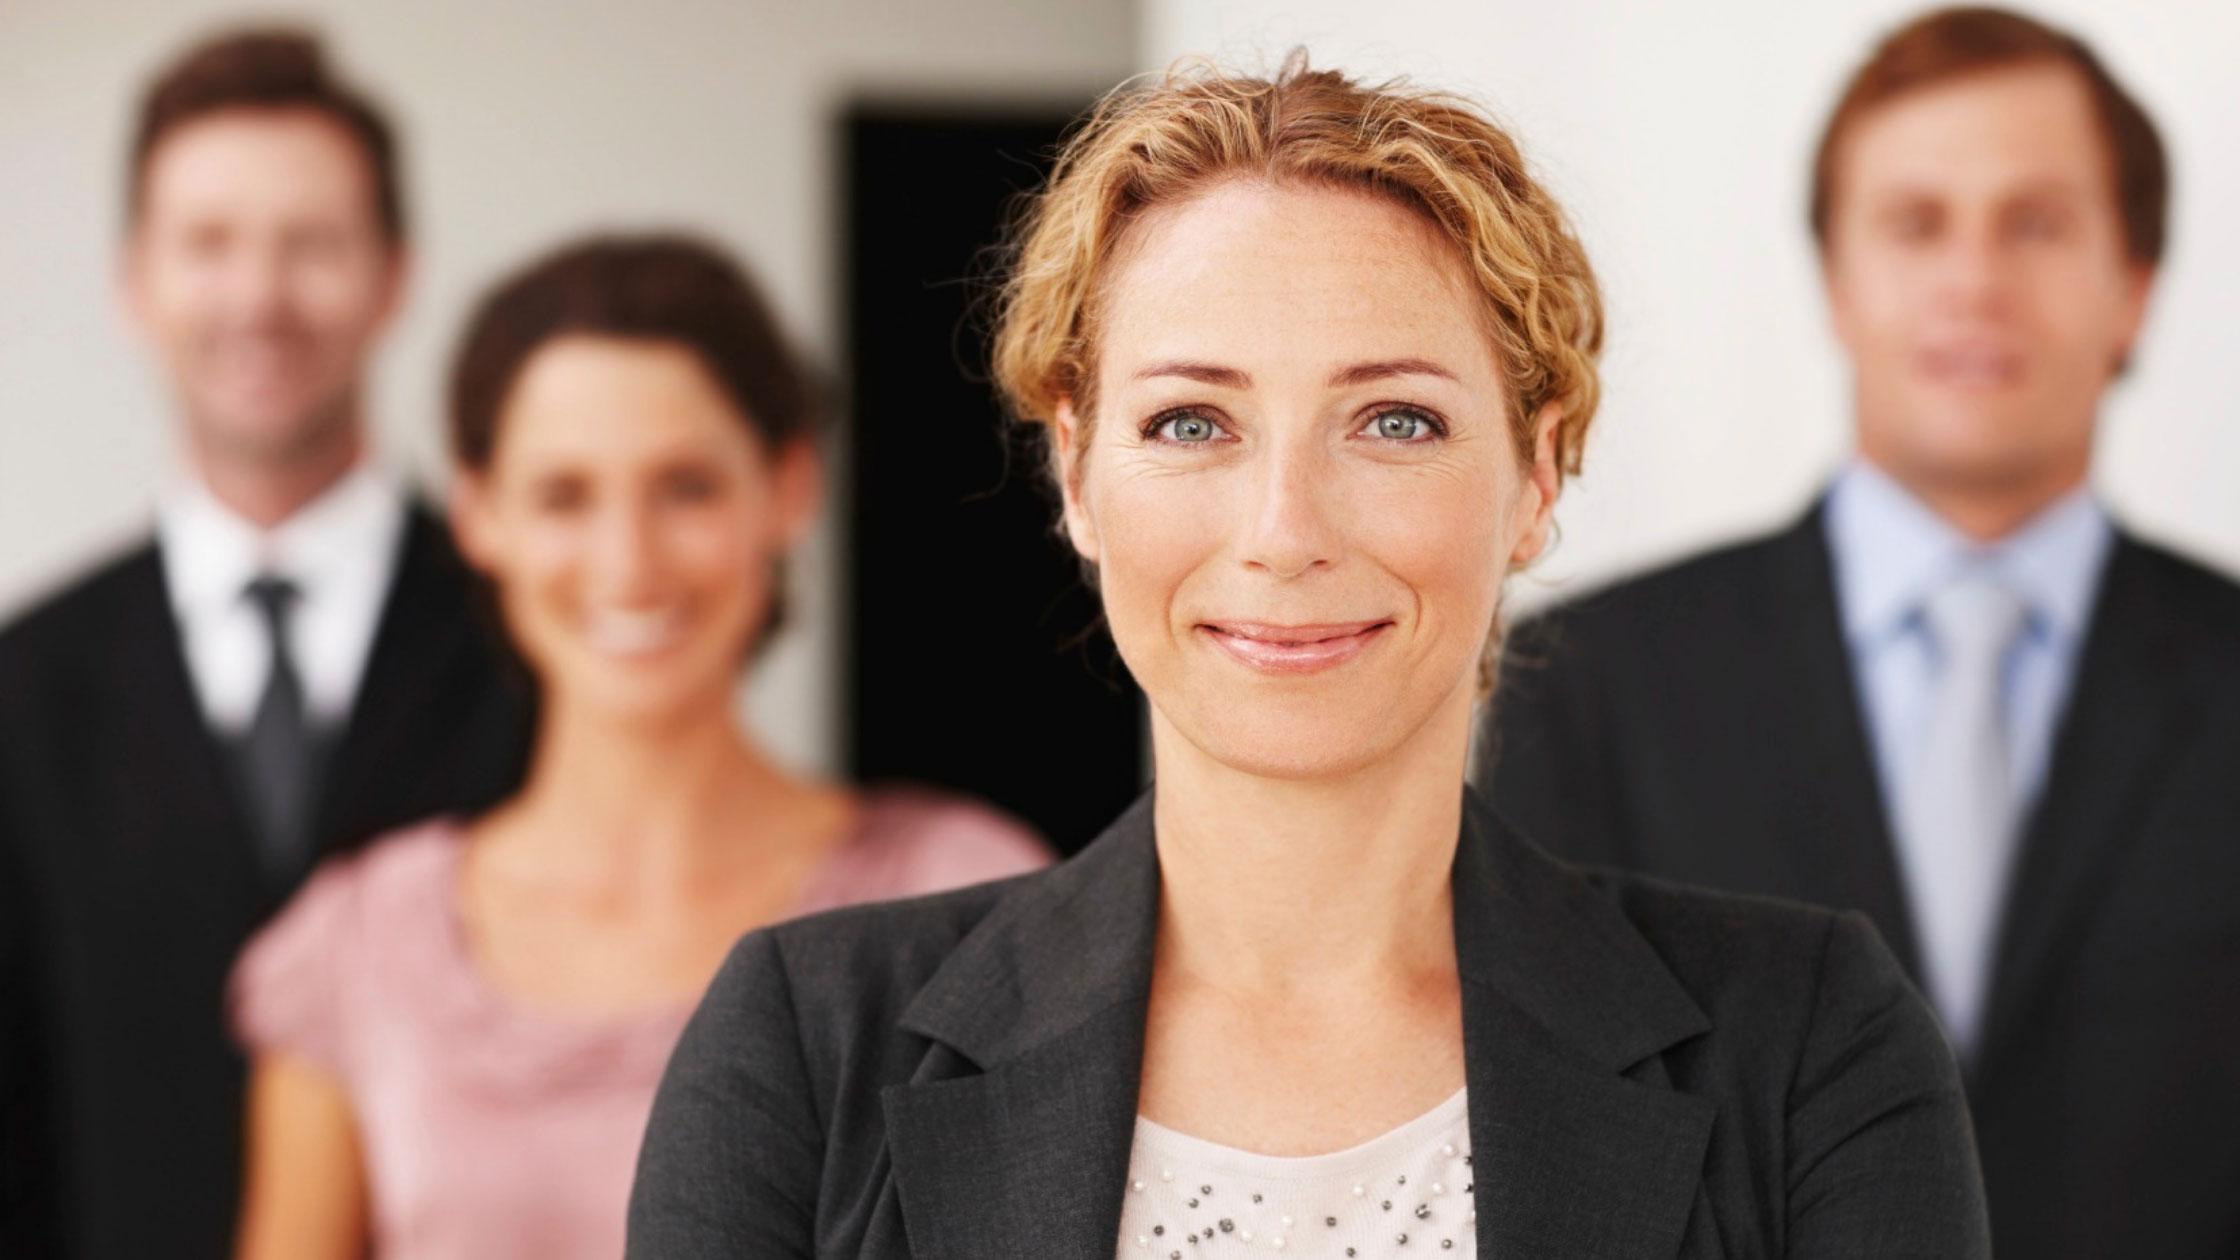 bedrijven duw vrouwen in overgang niet naar uitgang